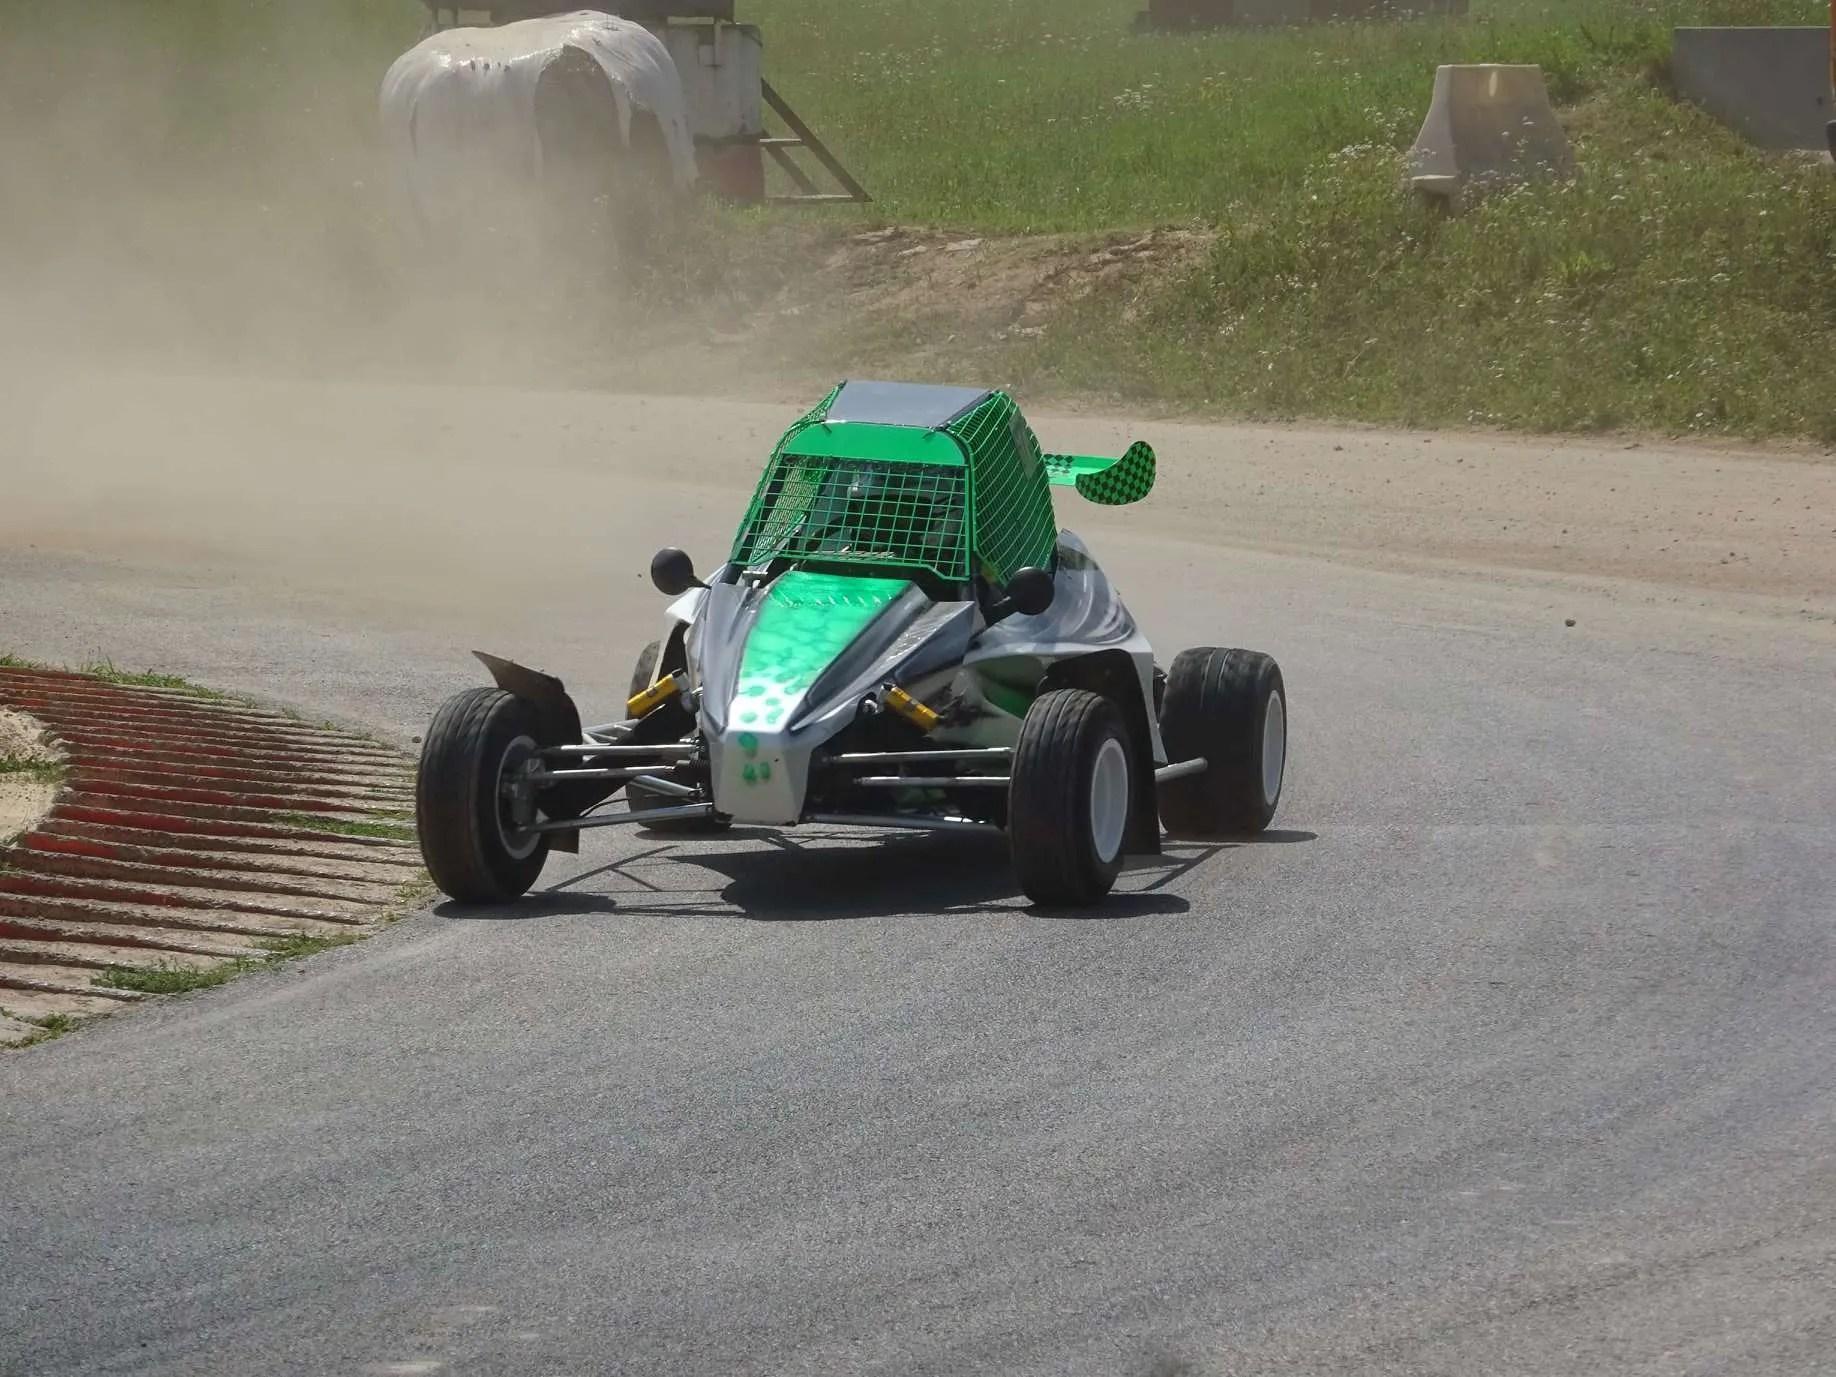 Campionato Italiano RX, ormai ci siamo!